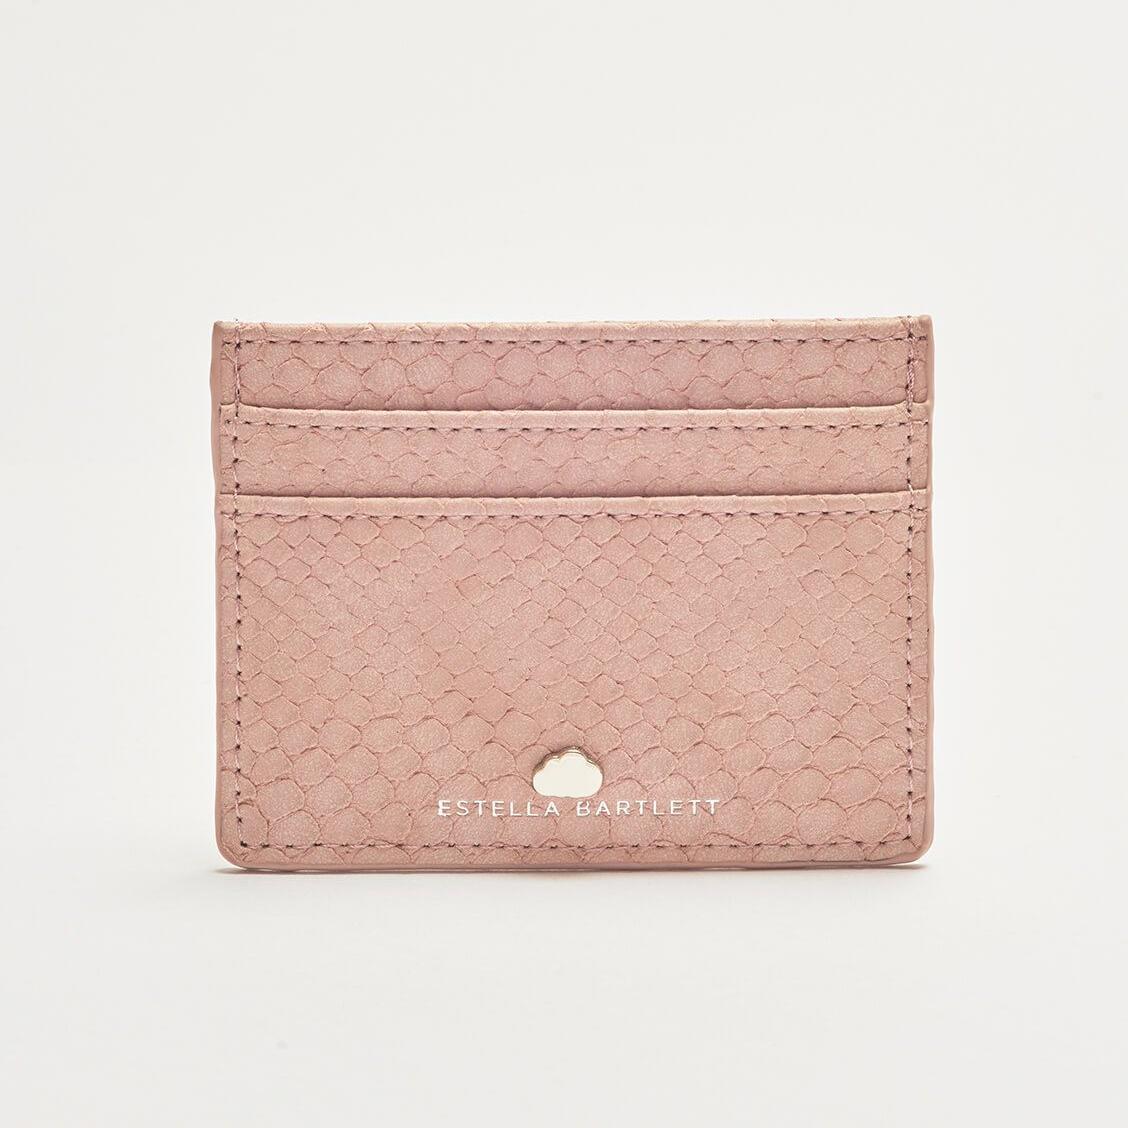 estella-bartlett-card-holder